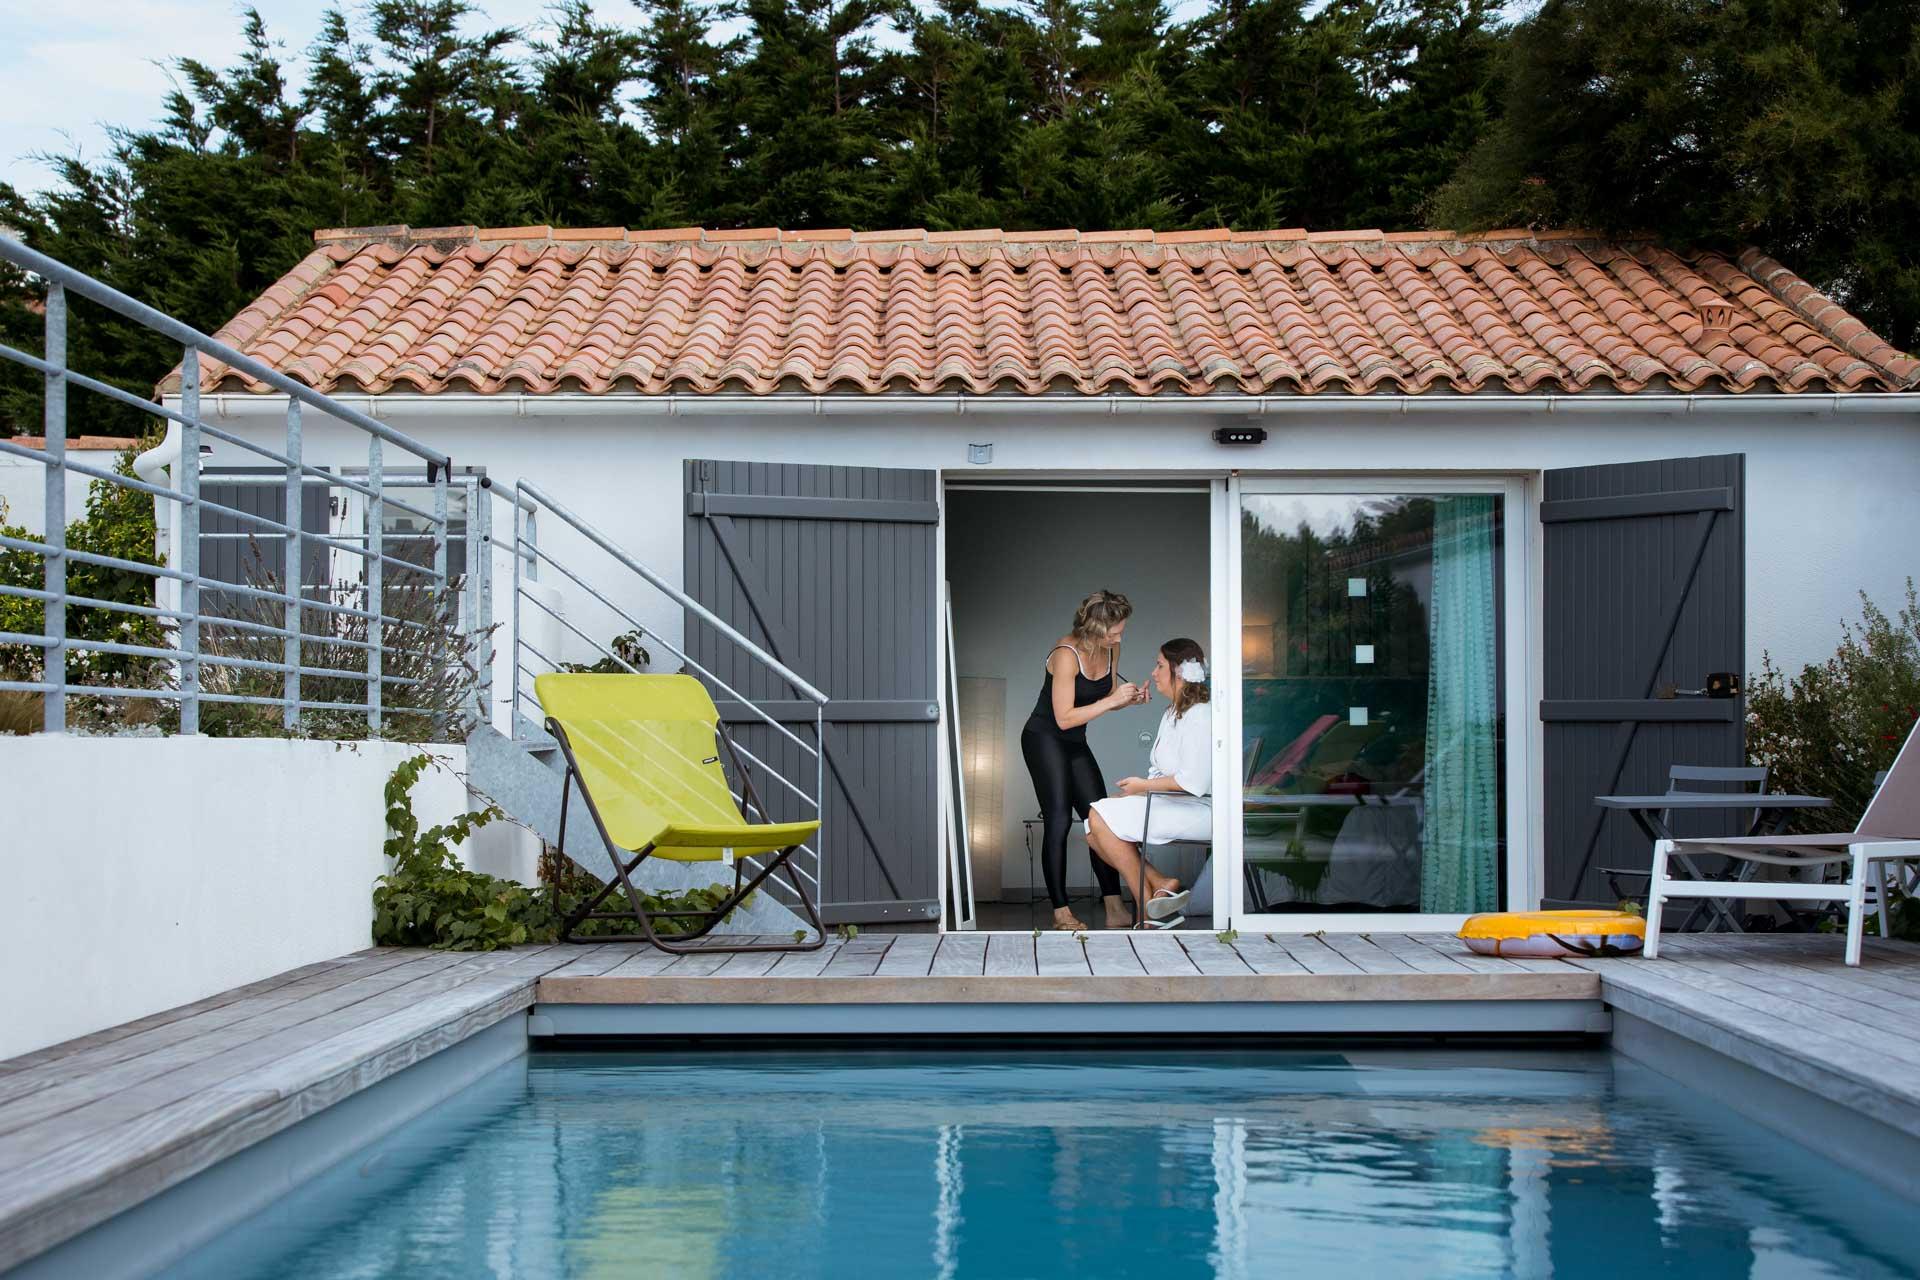 preparatif de la mariee dans maison avec piscine